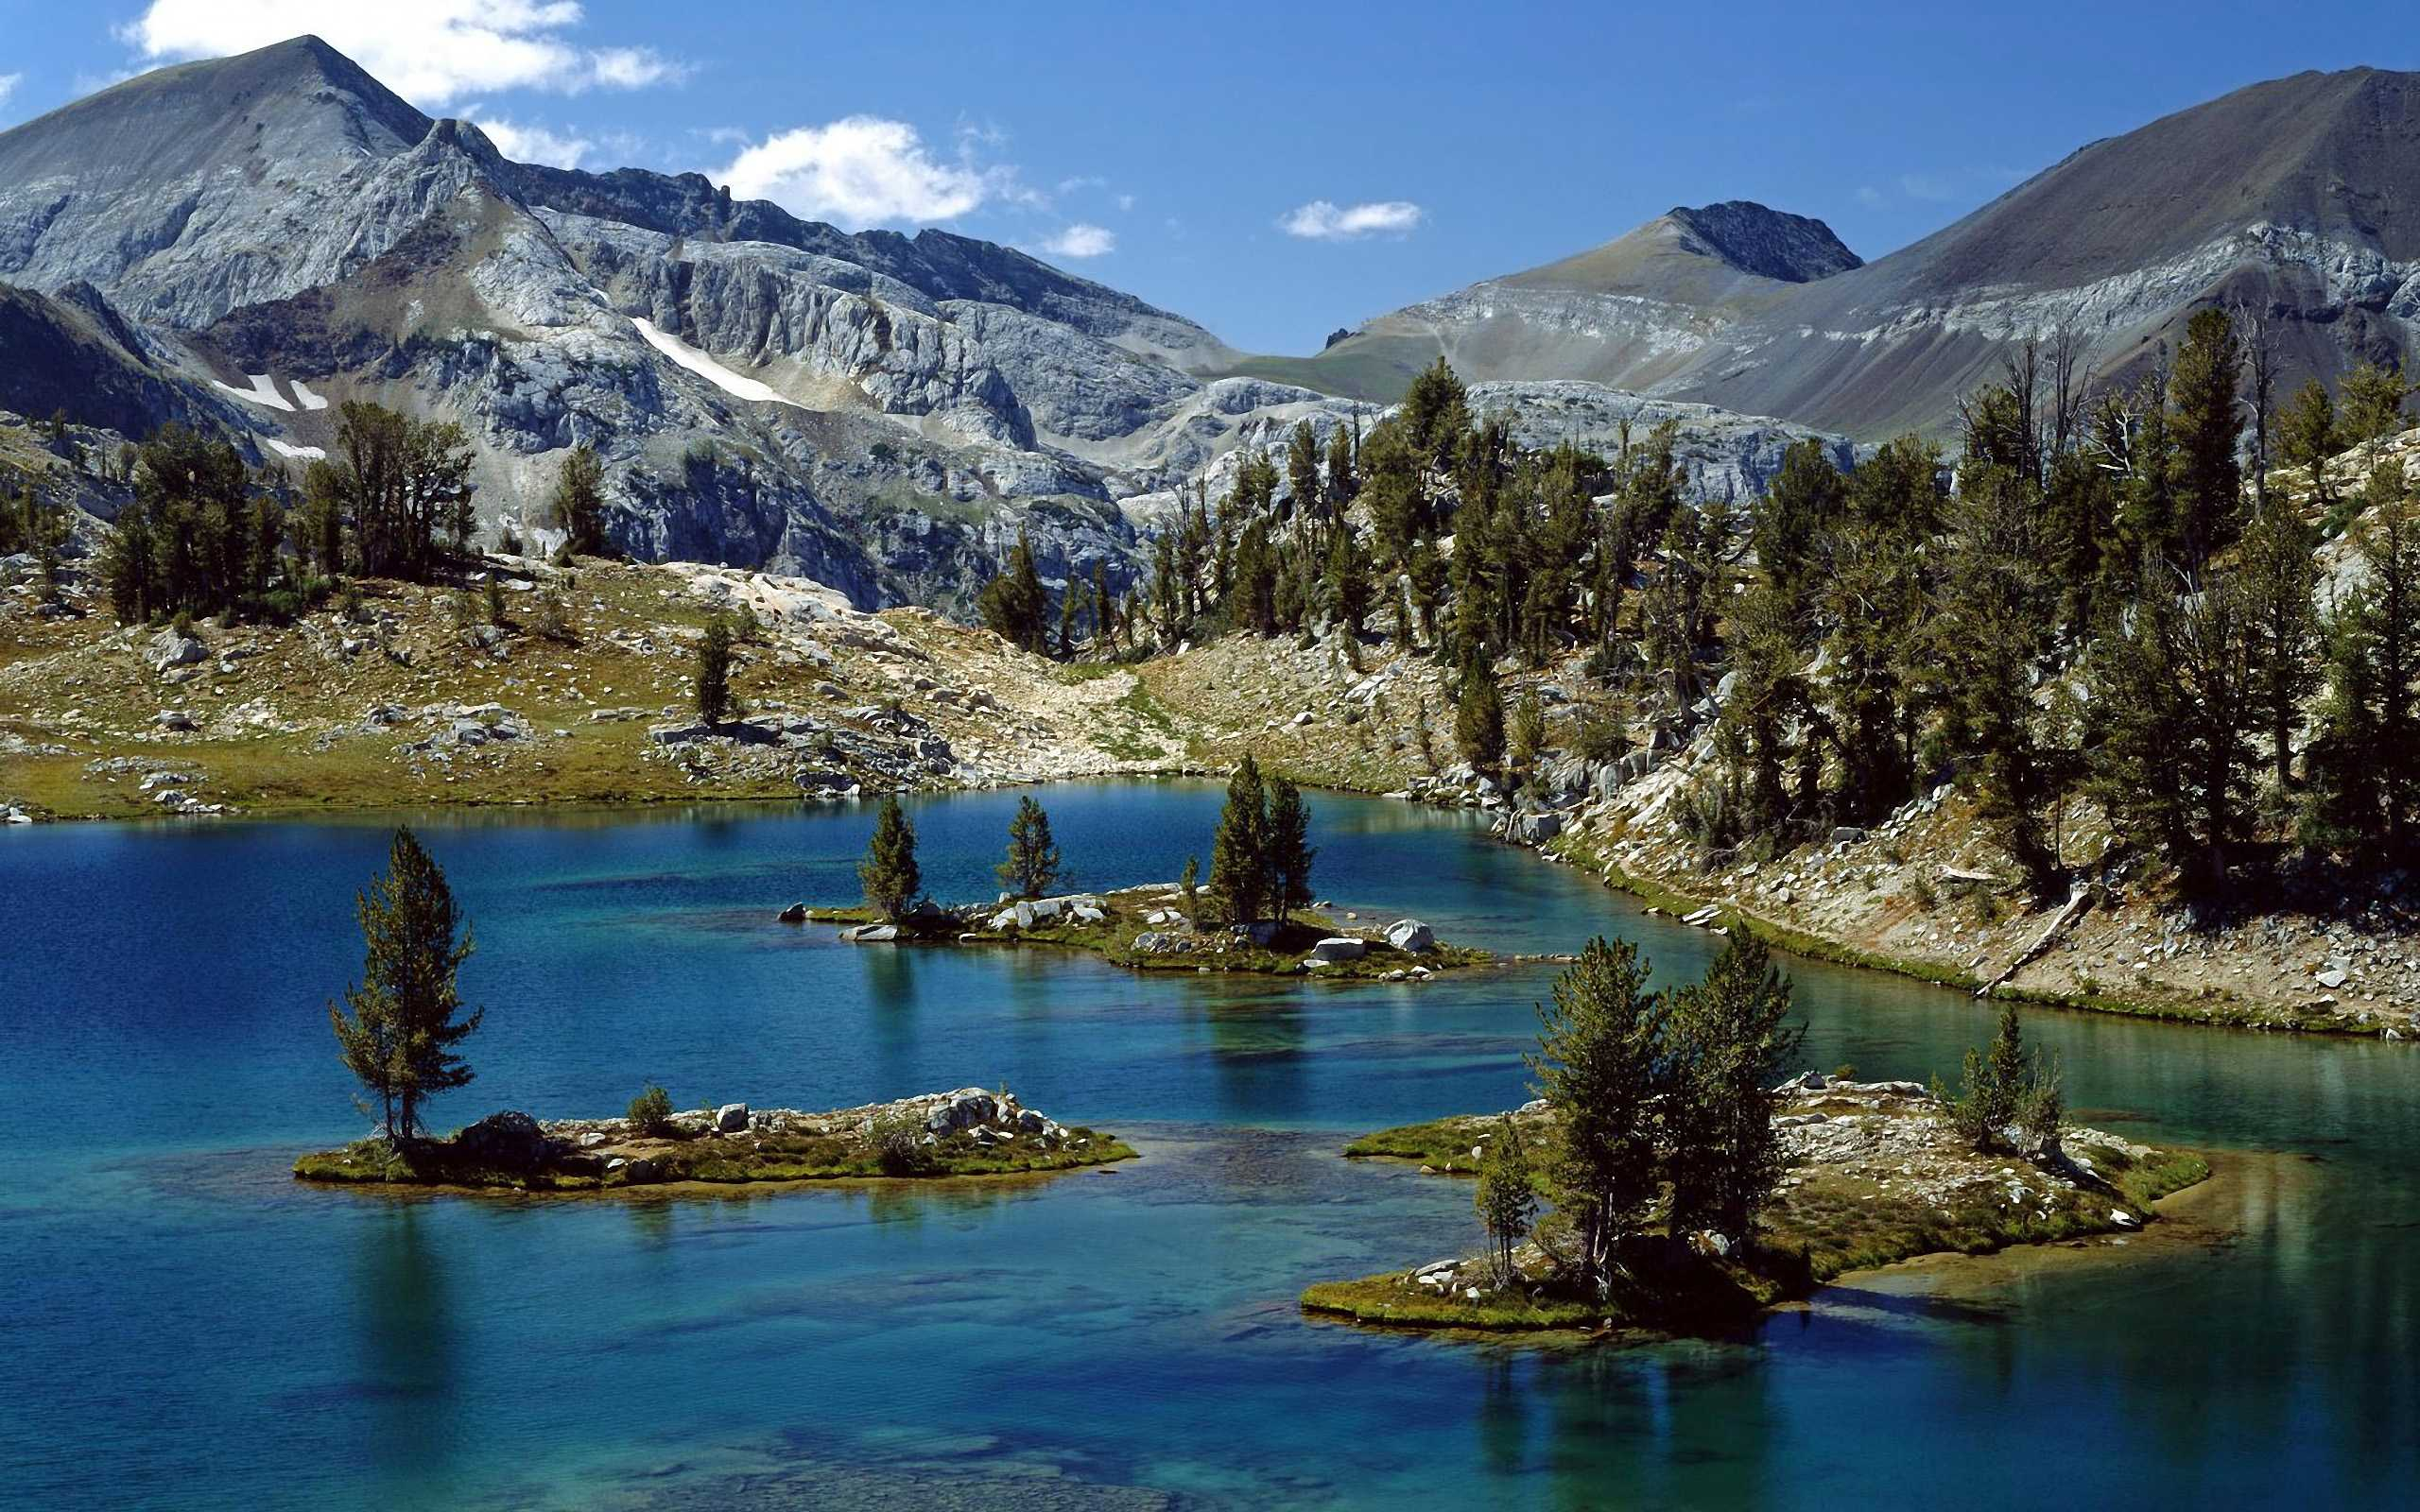 природа река горы скалы деревья облака  № 3796771 бесплатно